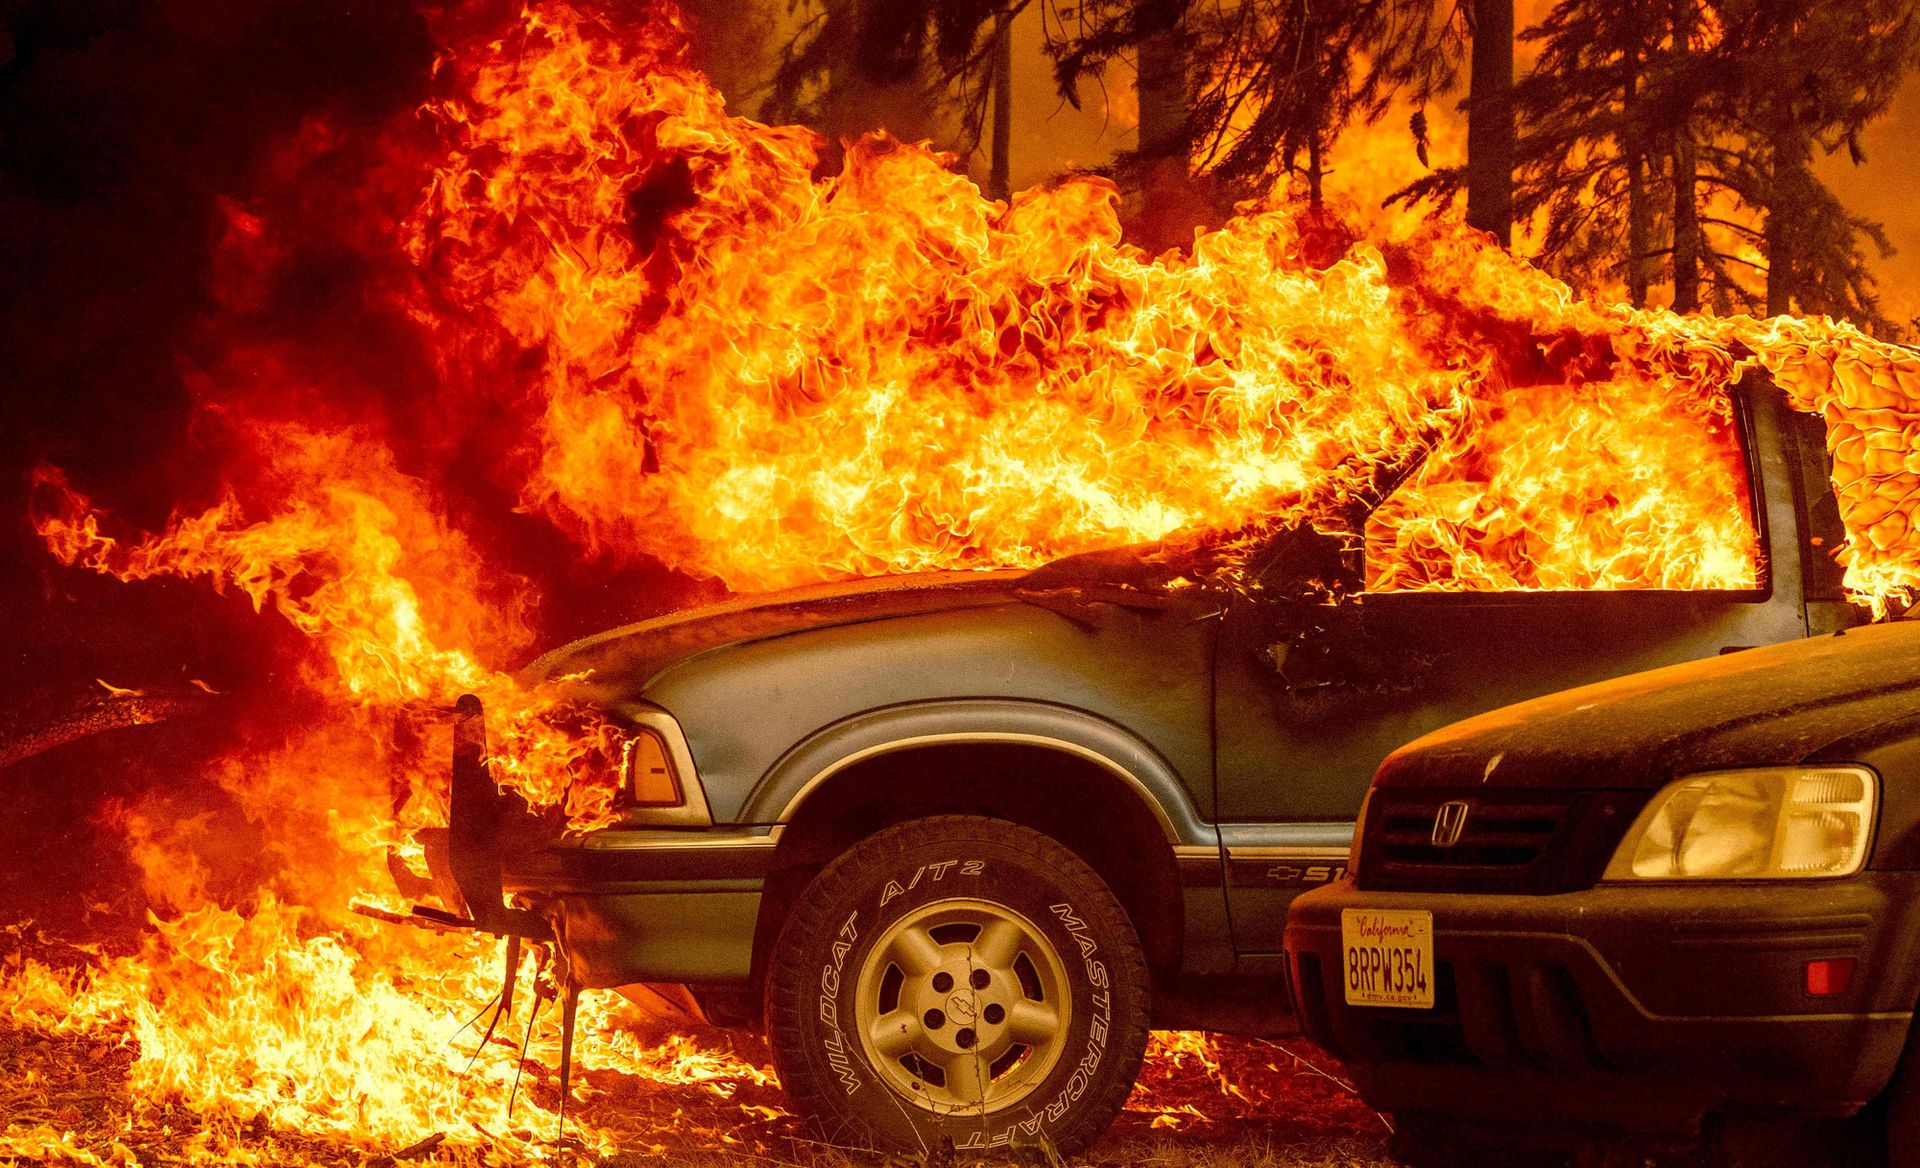 El incendio de Dixie ya es el sexto más grande en la historia del estado de California y aún se propaga gracias a los fuertes vientos y la sequedad del ambiente